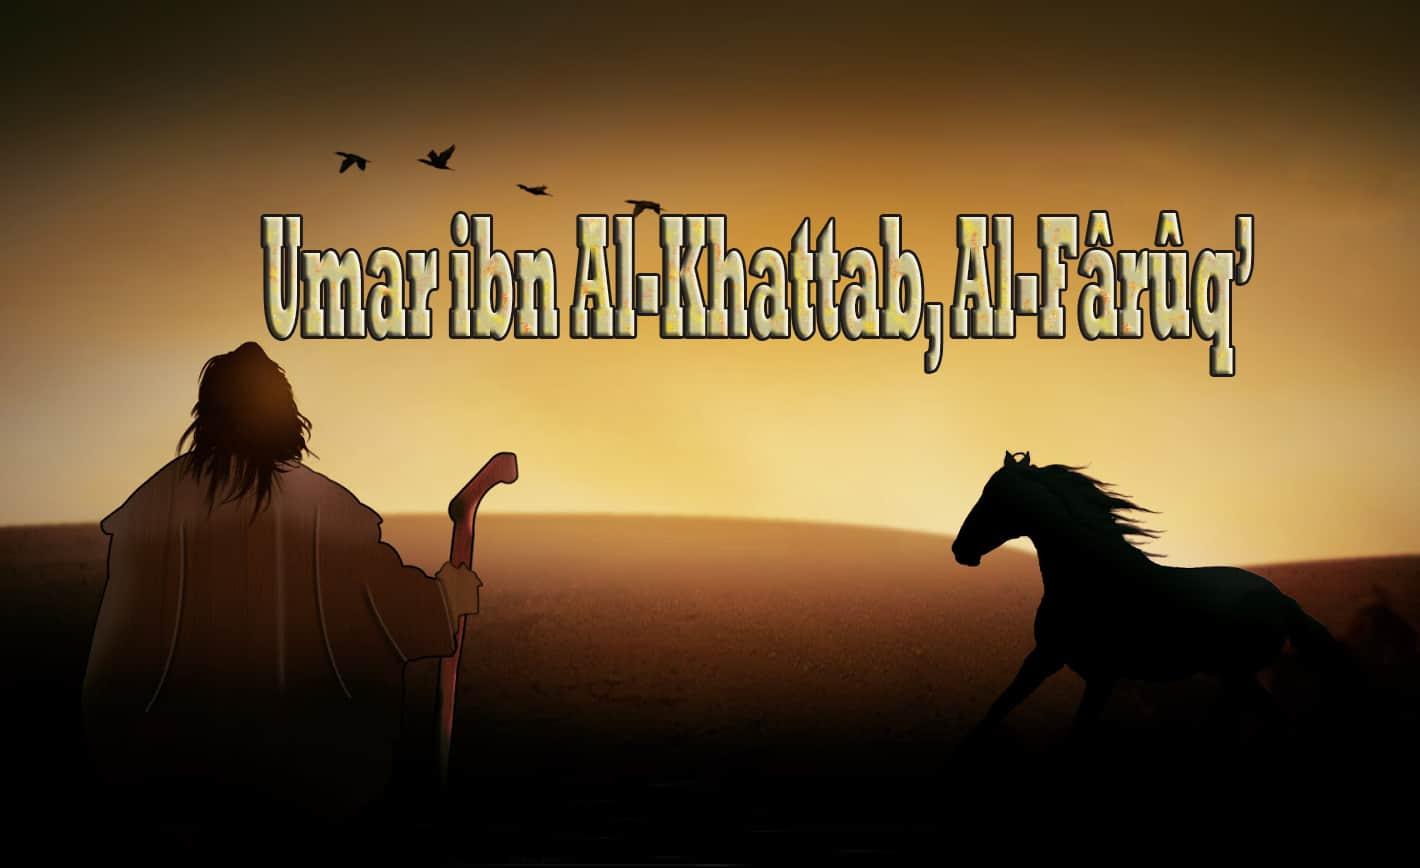 'Umar ibn Al-Khattab, Al-Fârûq 1